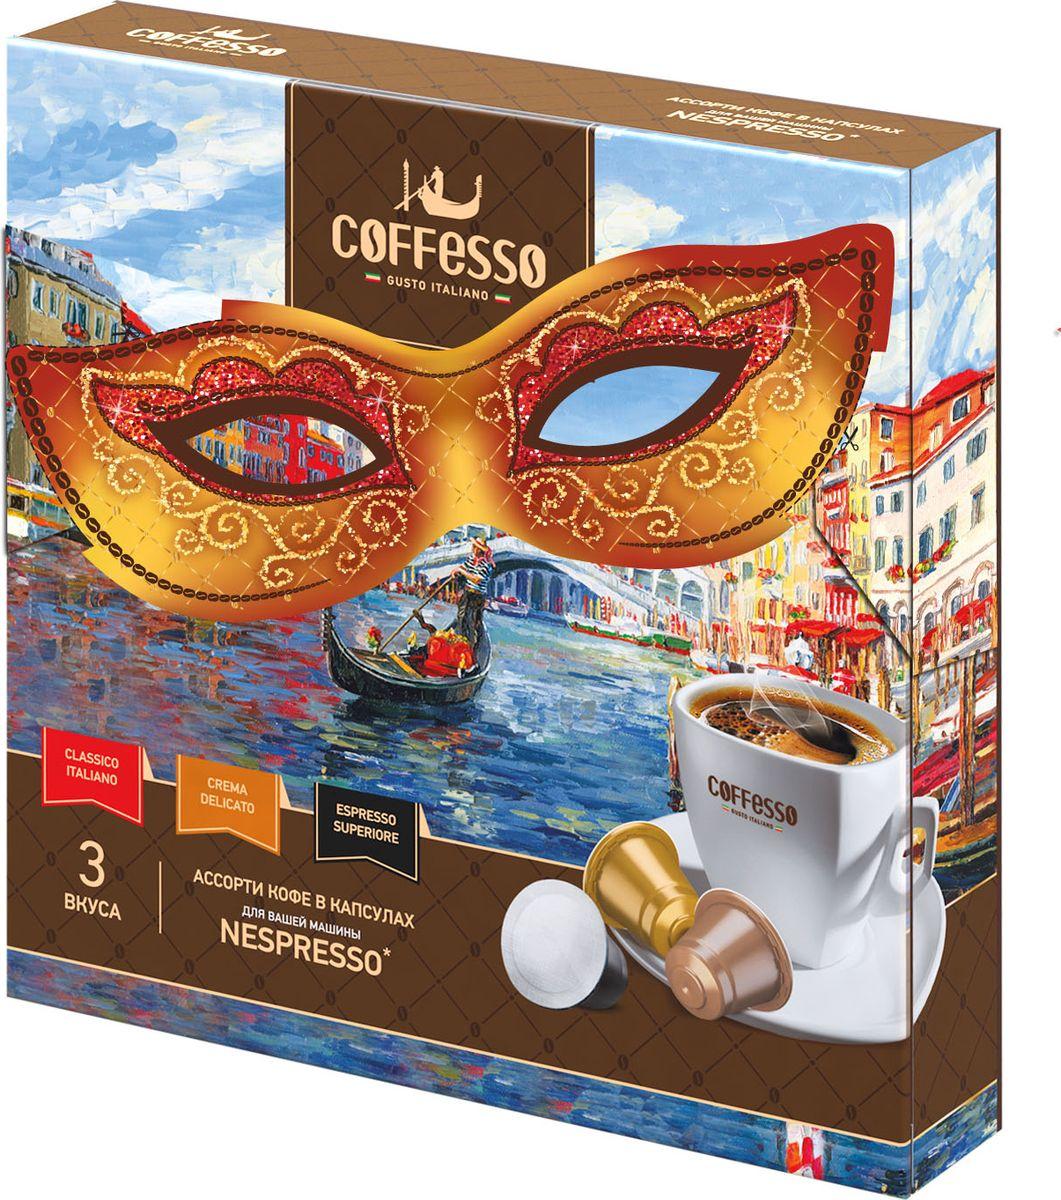 Coffesso Art Box кофе в капсулах, 9 шт100255Кофе-капсулы в подарочном наборе - это ассорти из трех блендов, трех самых популярных вкусов Италии: Espresso Superiore -восхитительный бленд 100% отборной арабики темной обжарки из Восточной Африки, раскрывается плотной текстурой, крепким, бархатистым вкусом и насыщенным богатым ароматом с легким оттенком шоколада; Crema Delicato - благодаря средней обжарке отборной 100% арабики, приобретает легкую текстуру, деликатный, шелковистый вкус и яркий мягкий благородный аромат с уловимыми фруктовыми нотами; Classico Italiano - гармоничное сочетание отборной 100% арабики из разных стран и средней обжарки придают кофе сбалансированный классический вкус и насыщенный, богатый аромат с легкими карамельными нотками.Ярких и незабываемых минут удовольствий вам с чашечкой любимого эспрессо!Уважаемые клиенты! Обращаем ваше внимание на то, что упаковка может иметь несколько видов дизайна. Поставка осуществляется в зависимости от наличия на складе.